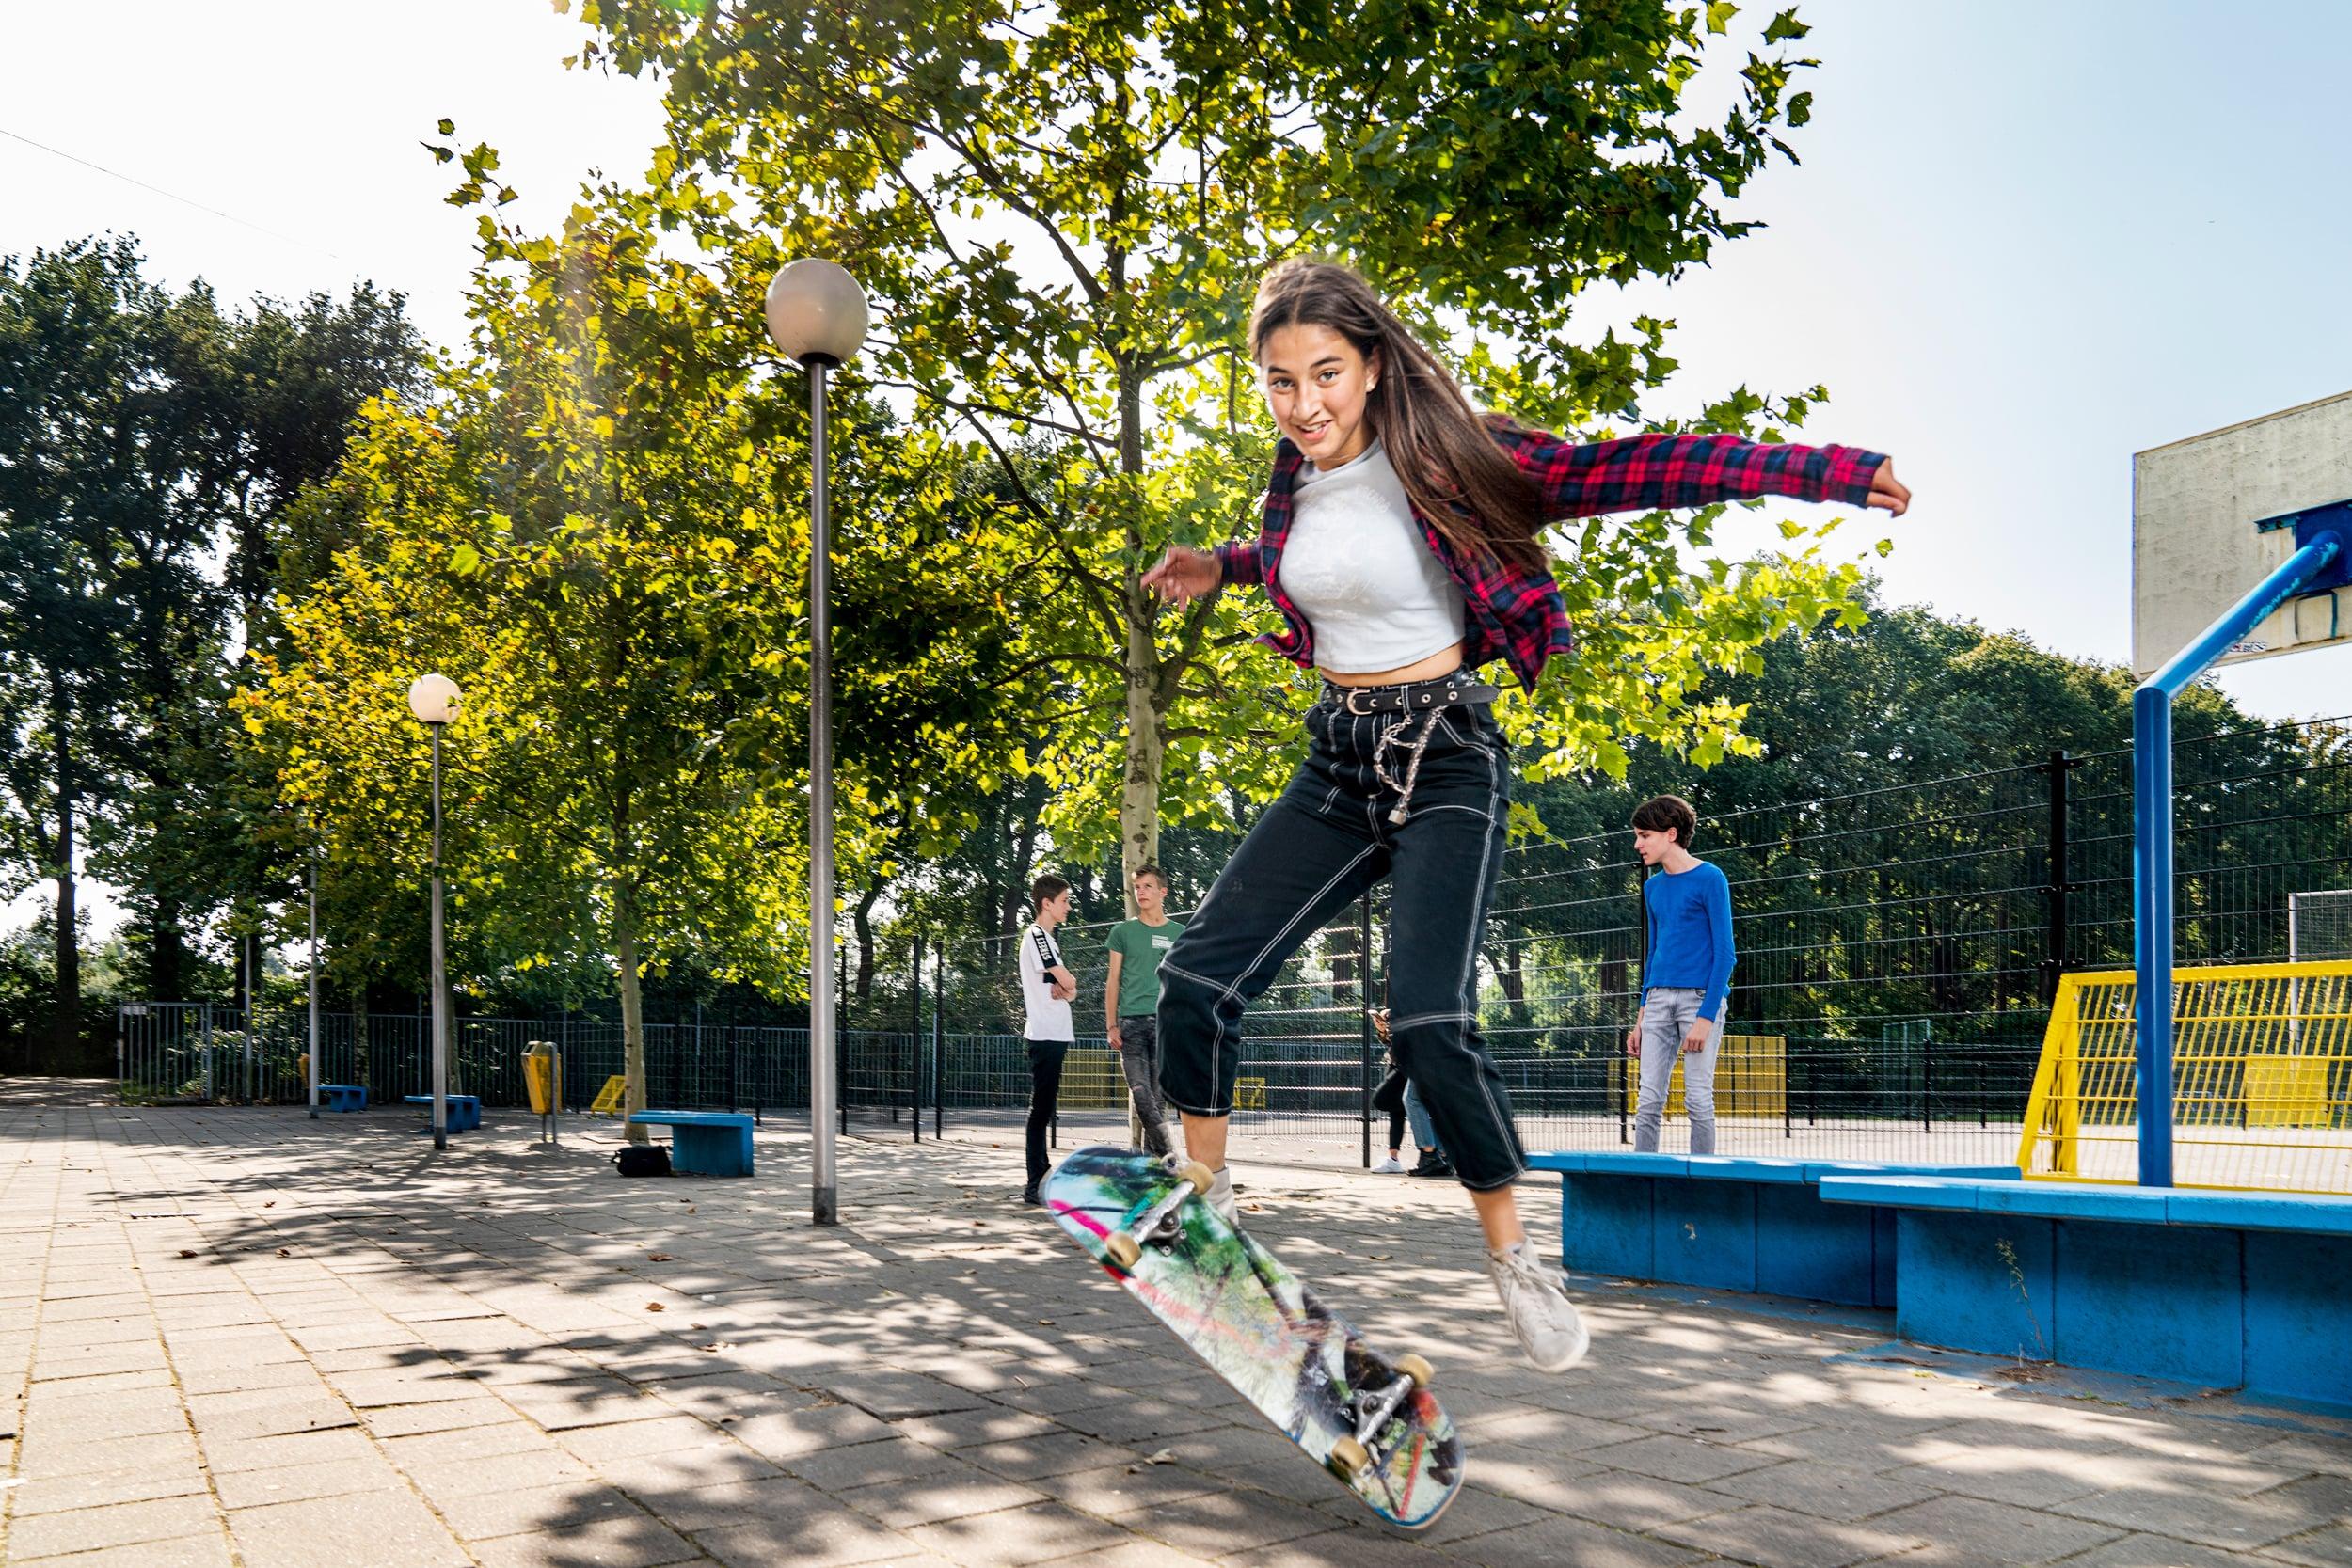 Scholiere die skateboard op het schoolplein. Campagne fotografie voor Het stedelijk Lyceum Enschede.